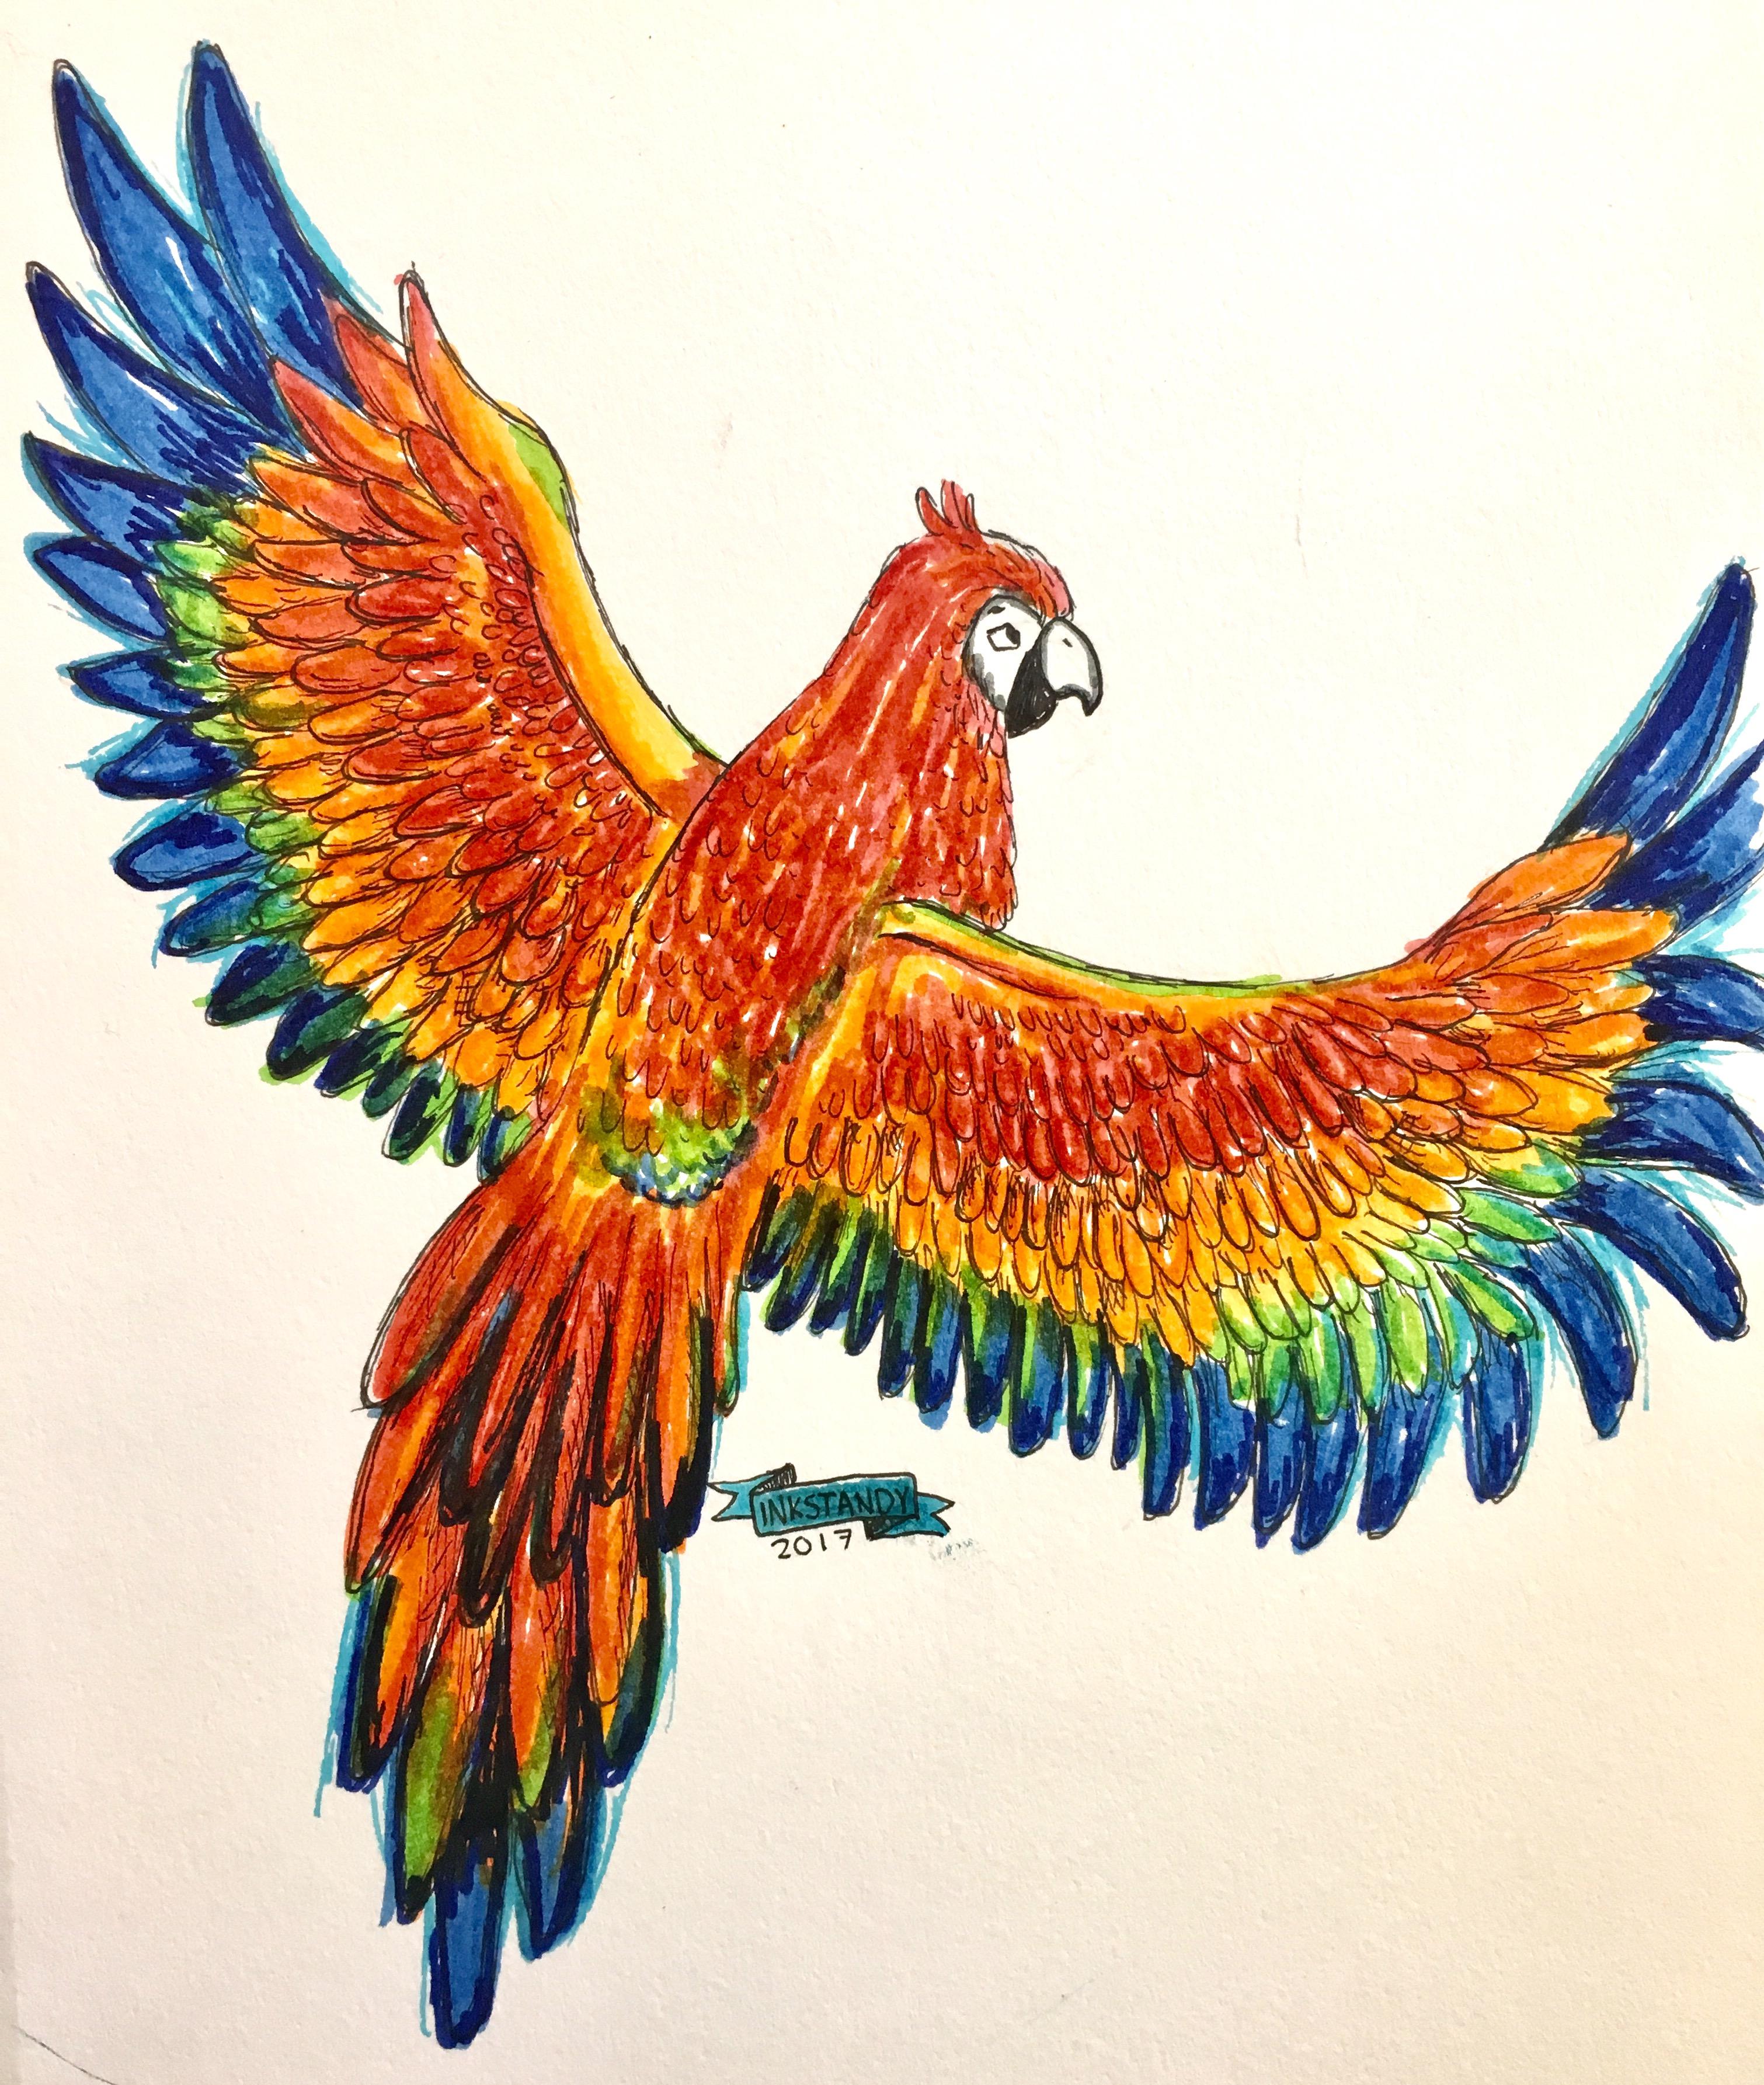 Macaw by Inkstandy